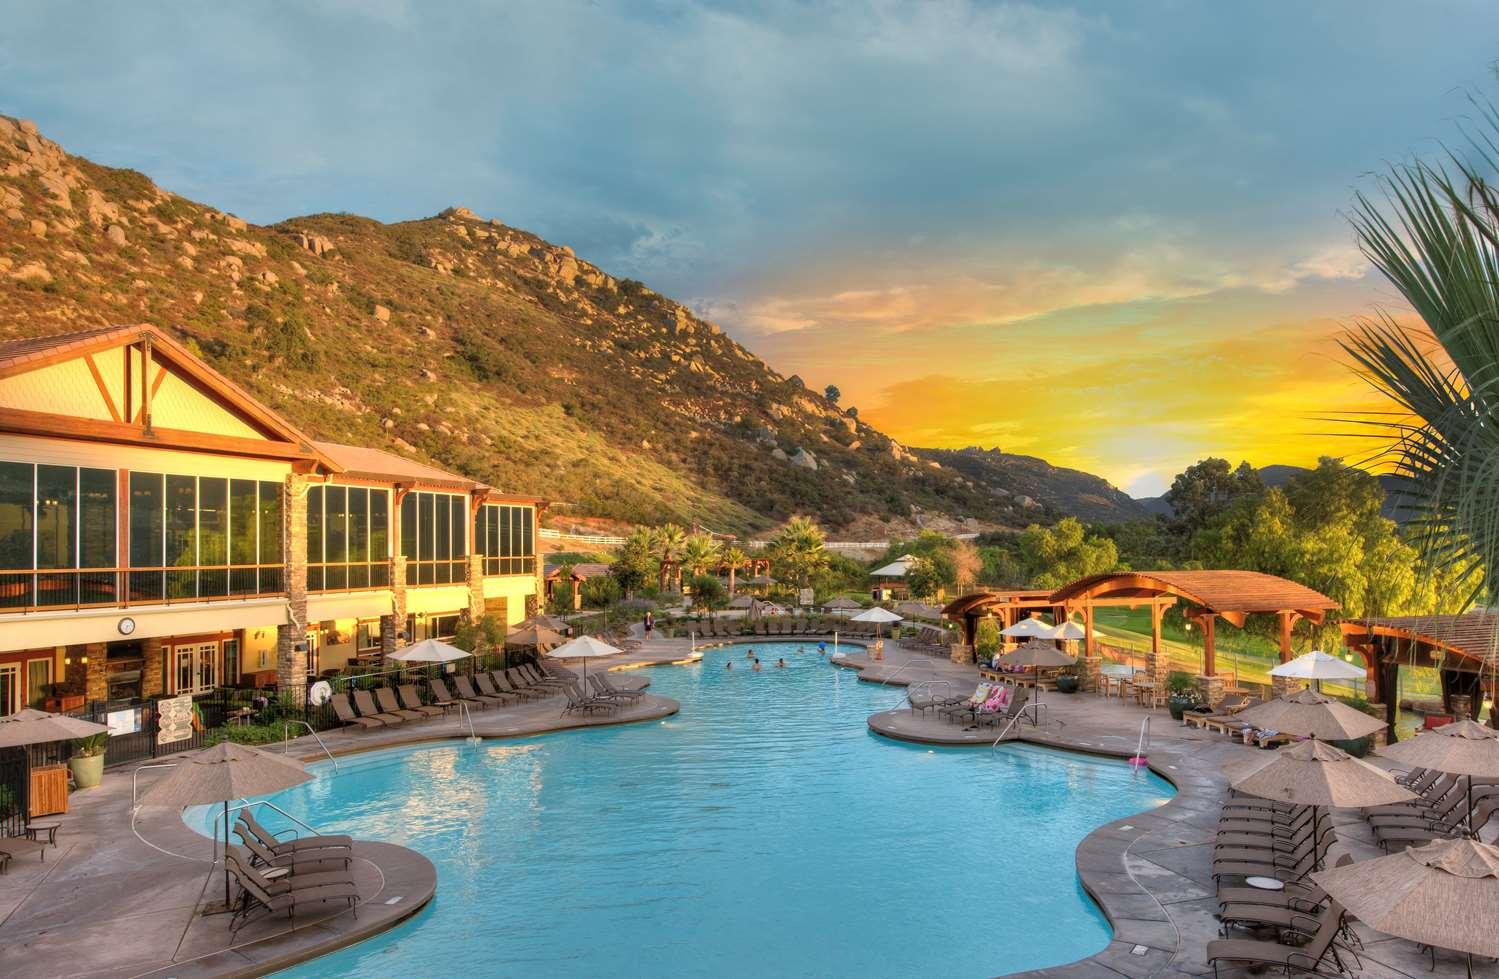 People enjoy a swimming pool at Welk Resorts San Diego at sunset.